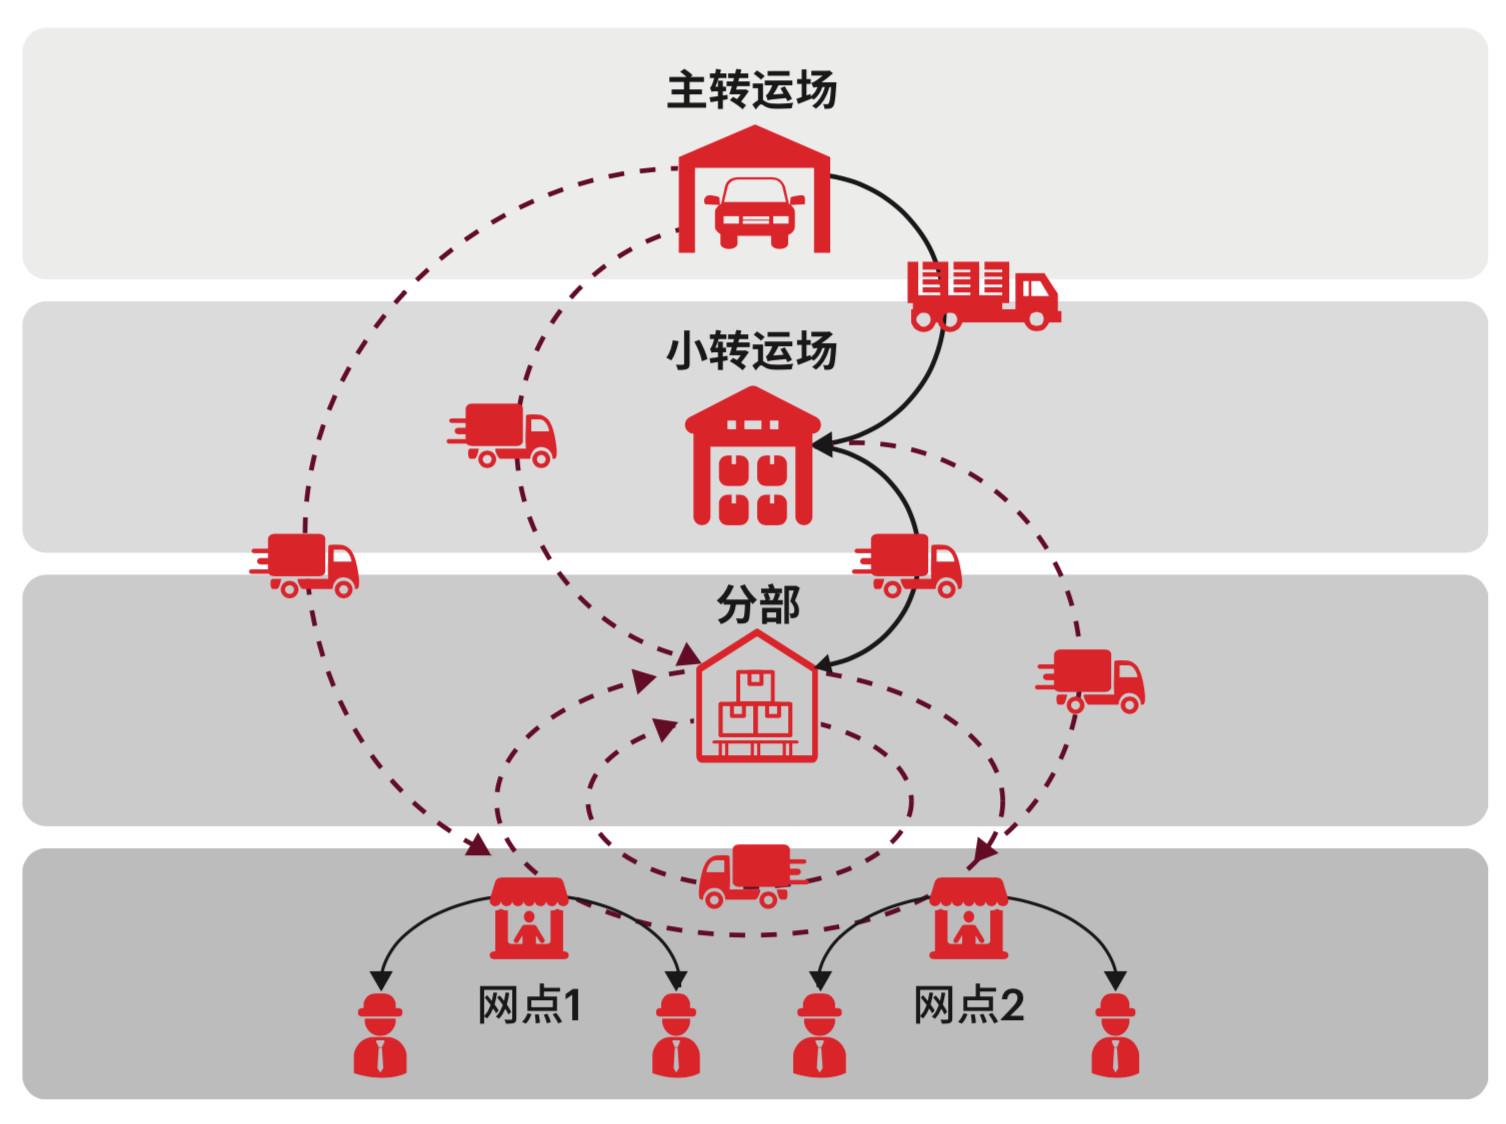 亿欧智库:同质化竞争加剧的物流行业,如何从物流末端市场